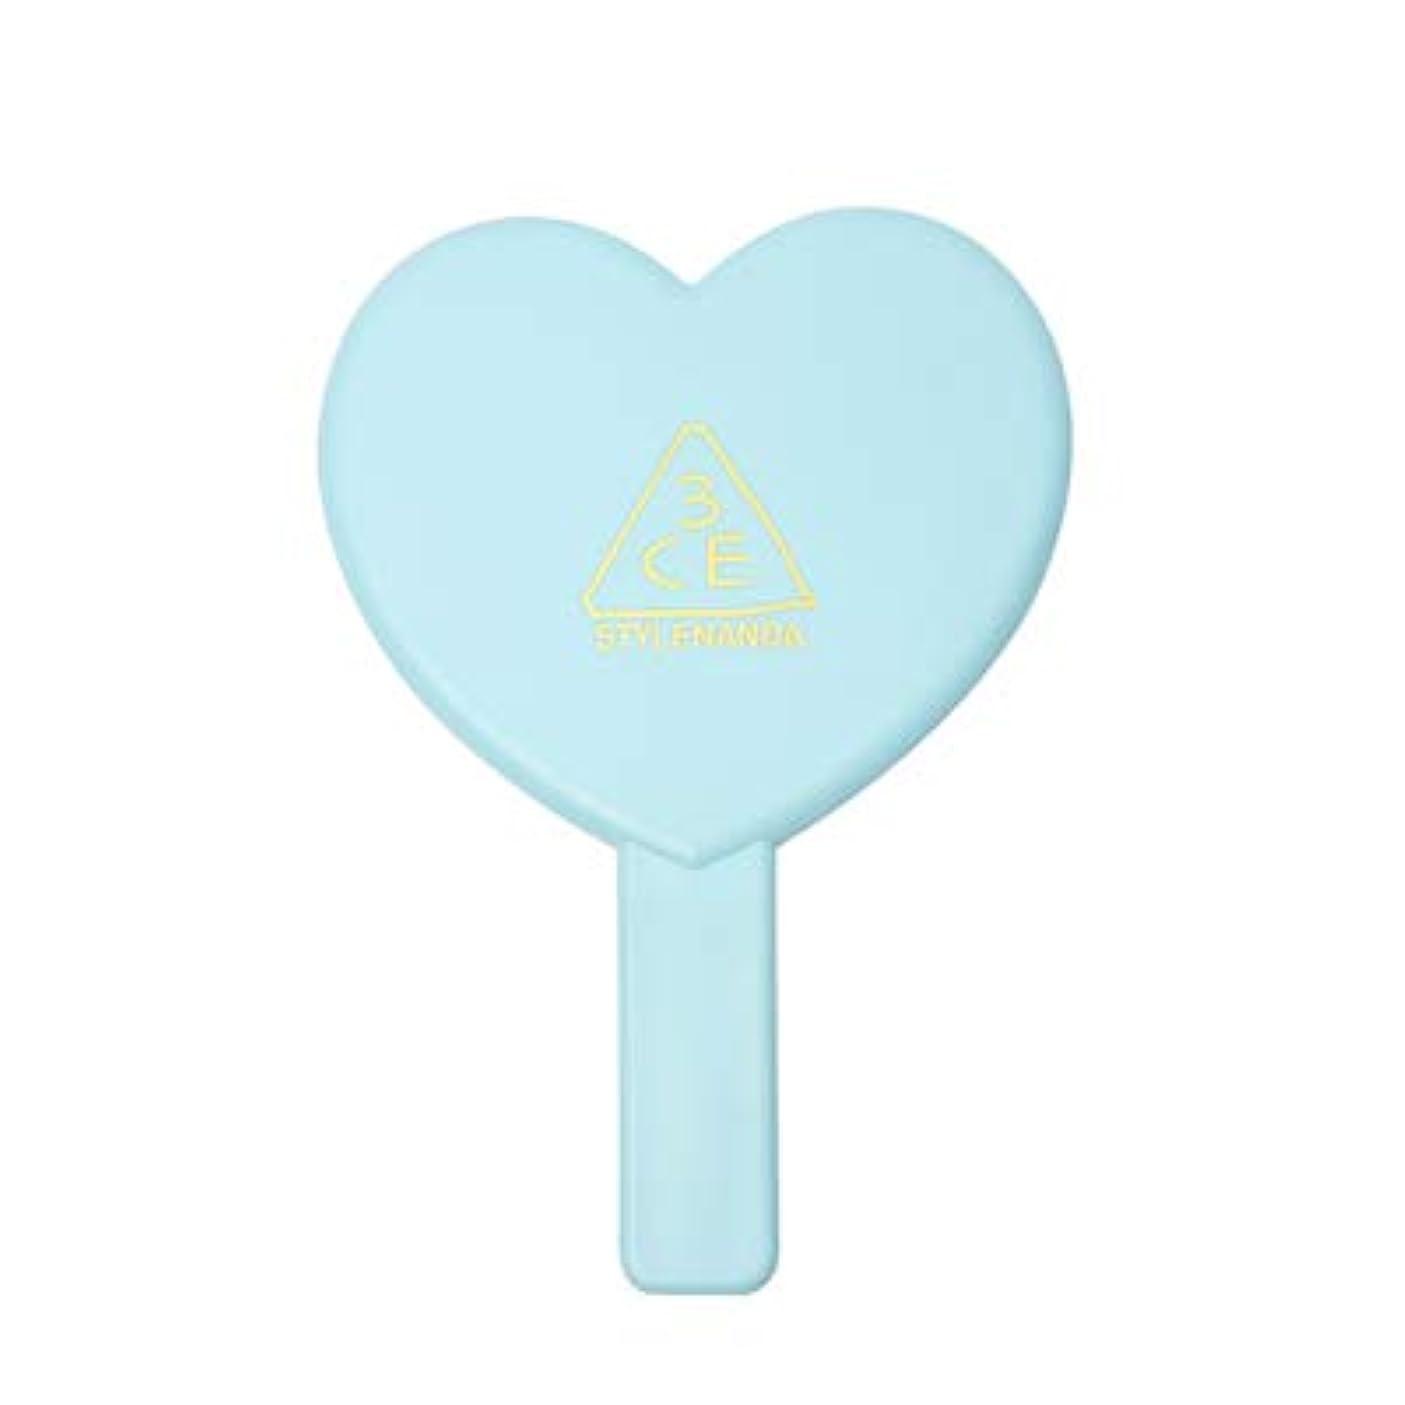 乱雑な許可する戦い3CE LOVE 3CE HEART HAND MIRROR (BLUE) / ラブ3CEハート?ハンド?ミラー (ブルー) [並行輸入品]